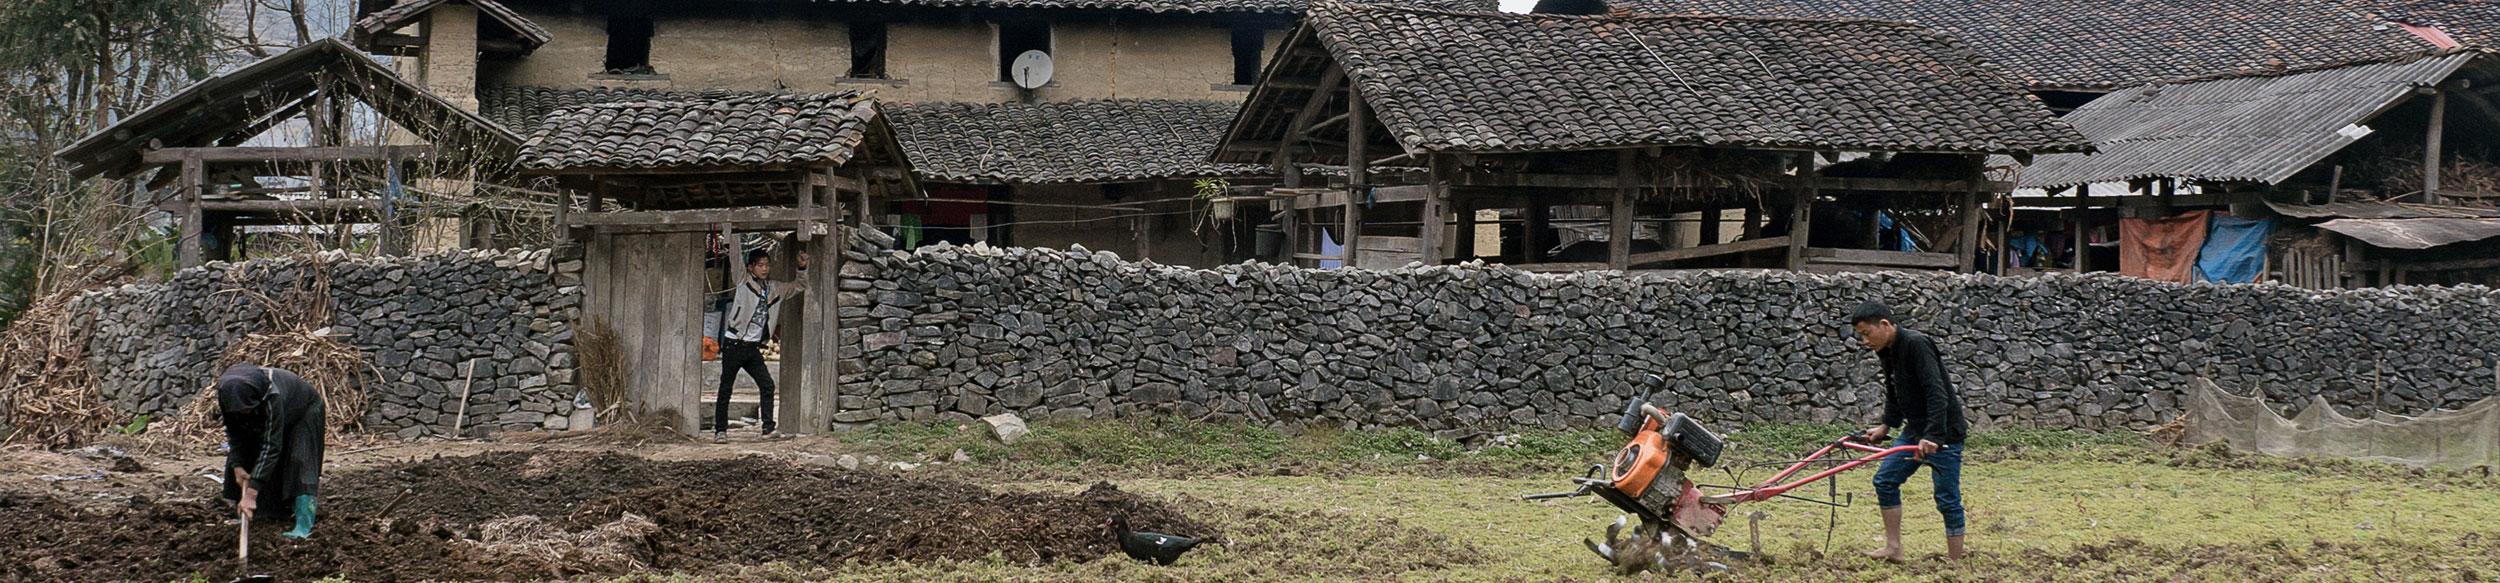 Ferme Hmong dans la région de Ha Giang au Vietnam